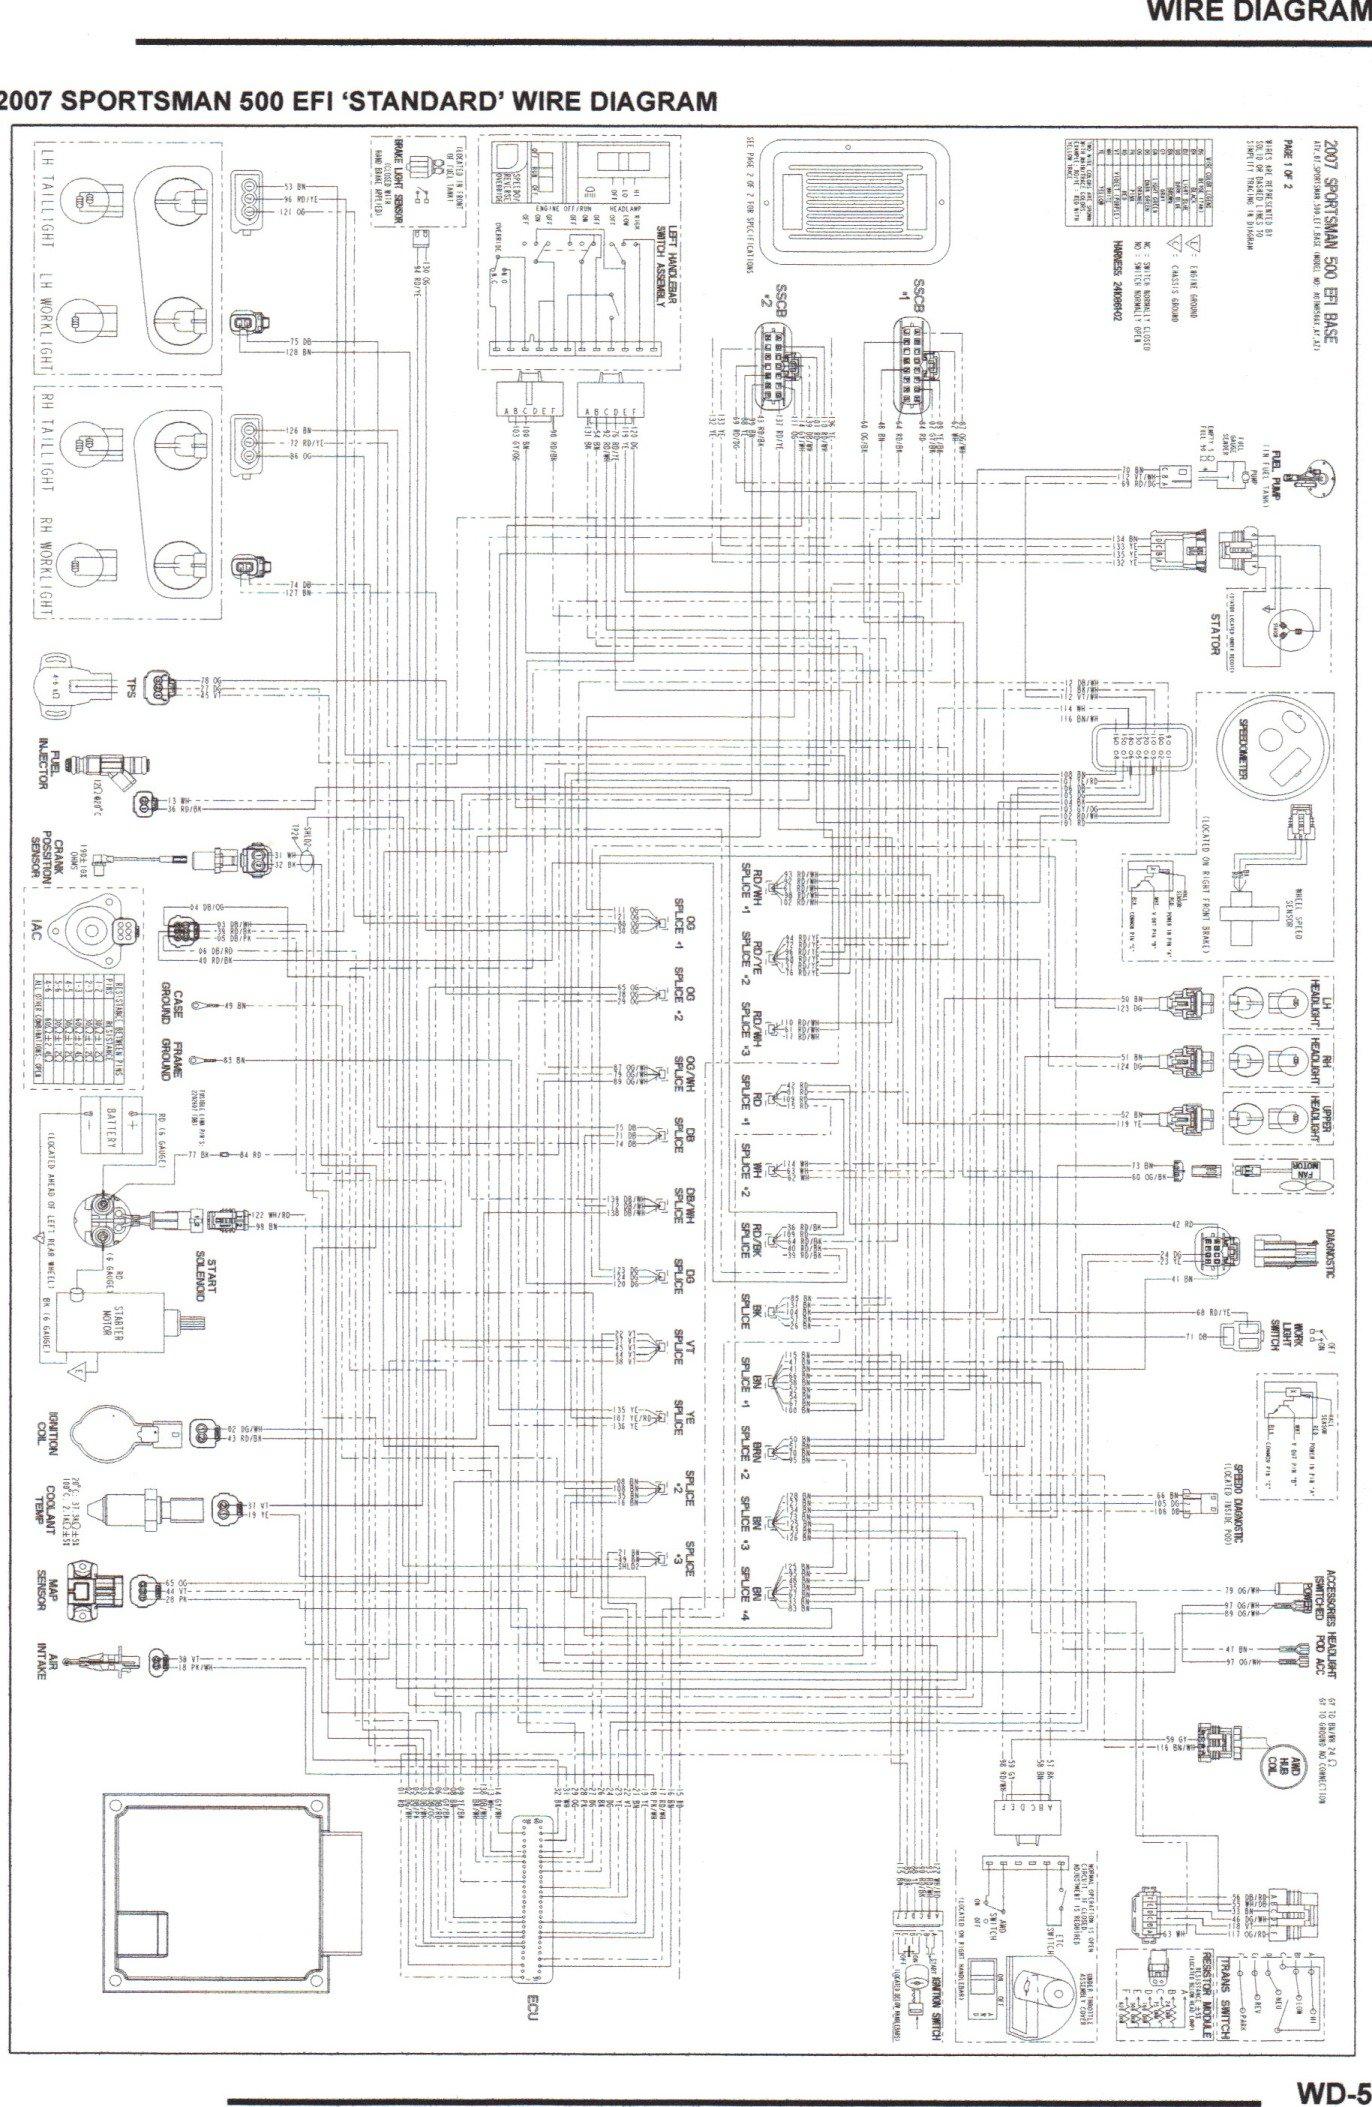 polaris iq 600 wiring diagram